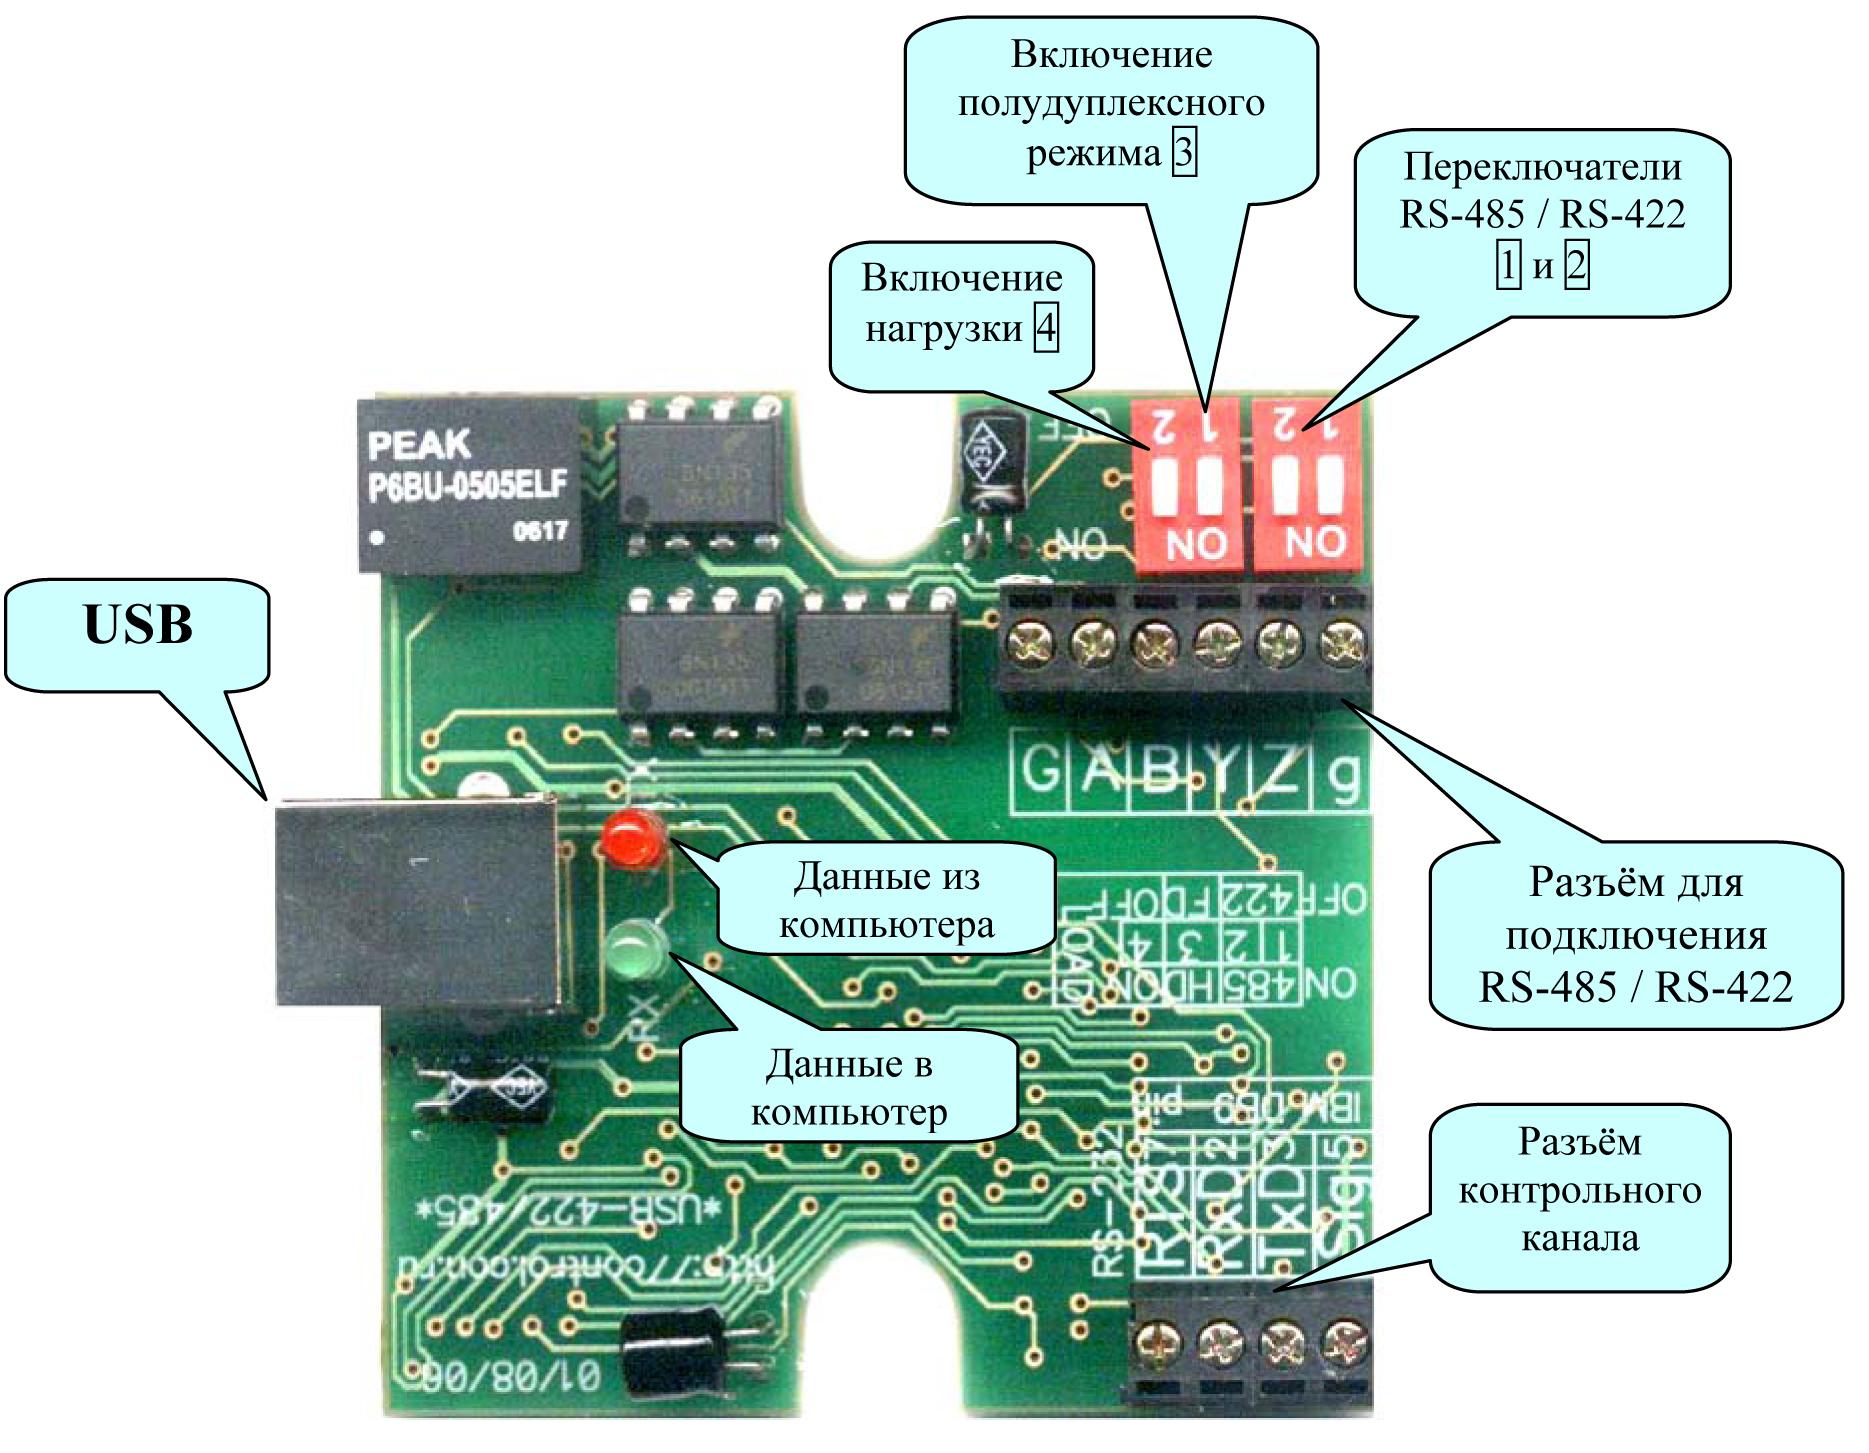 преобразователь с usb на rs485 схема